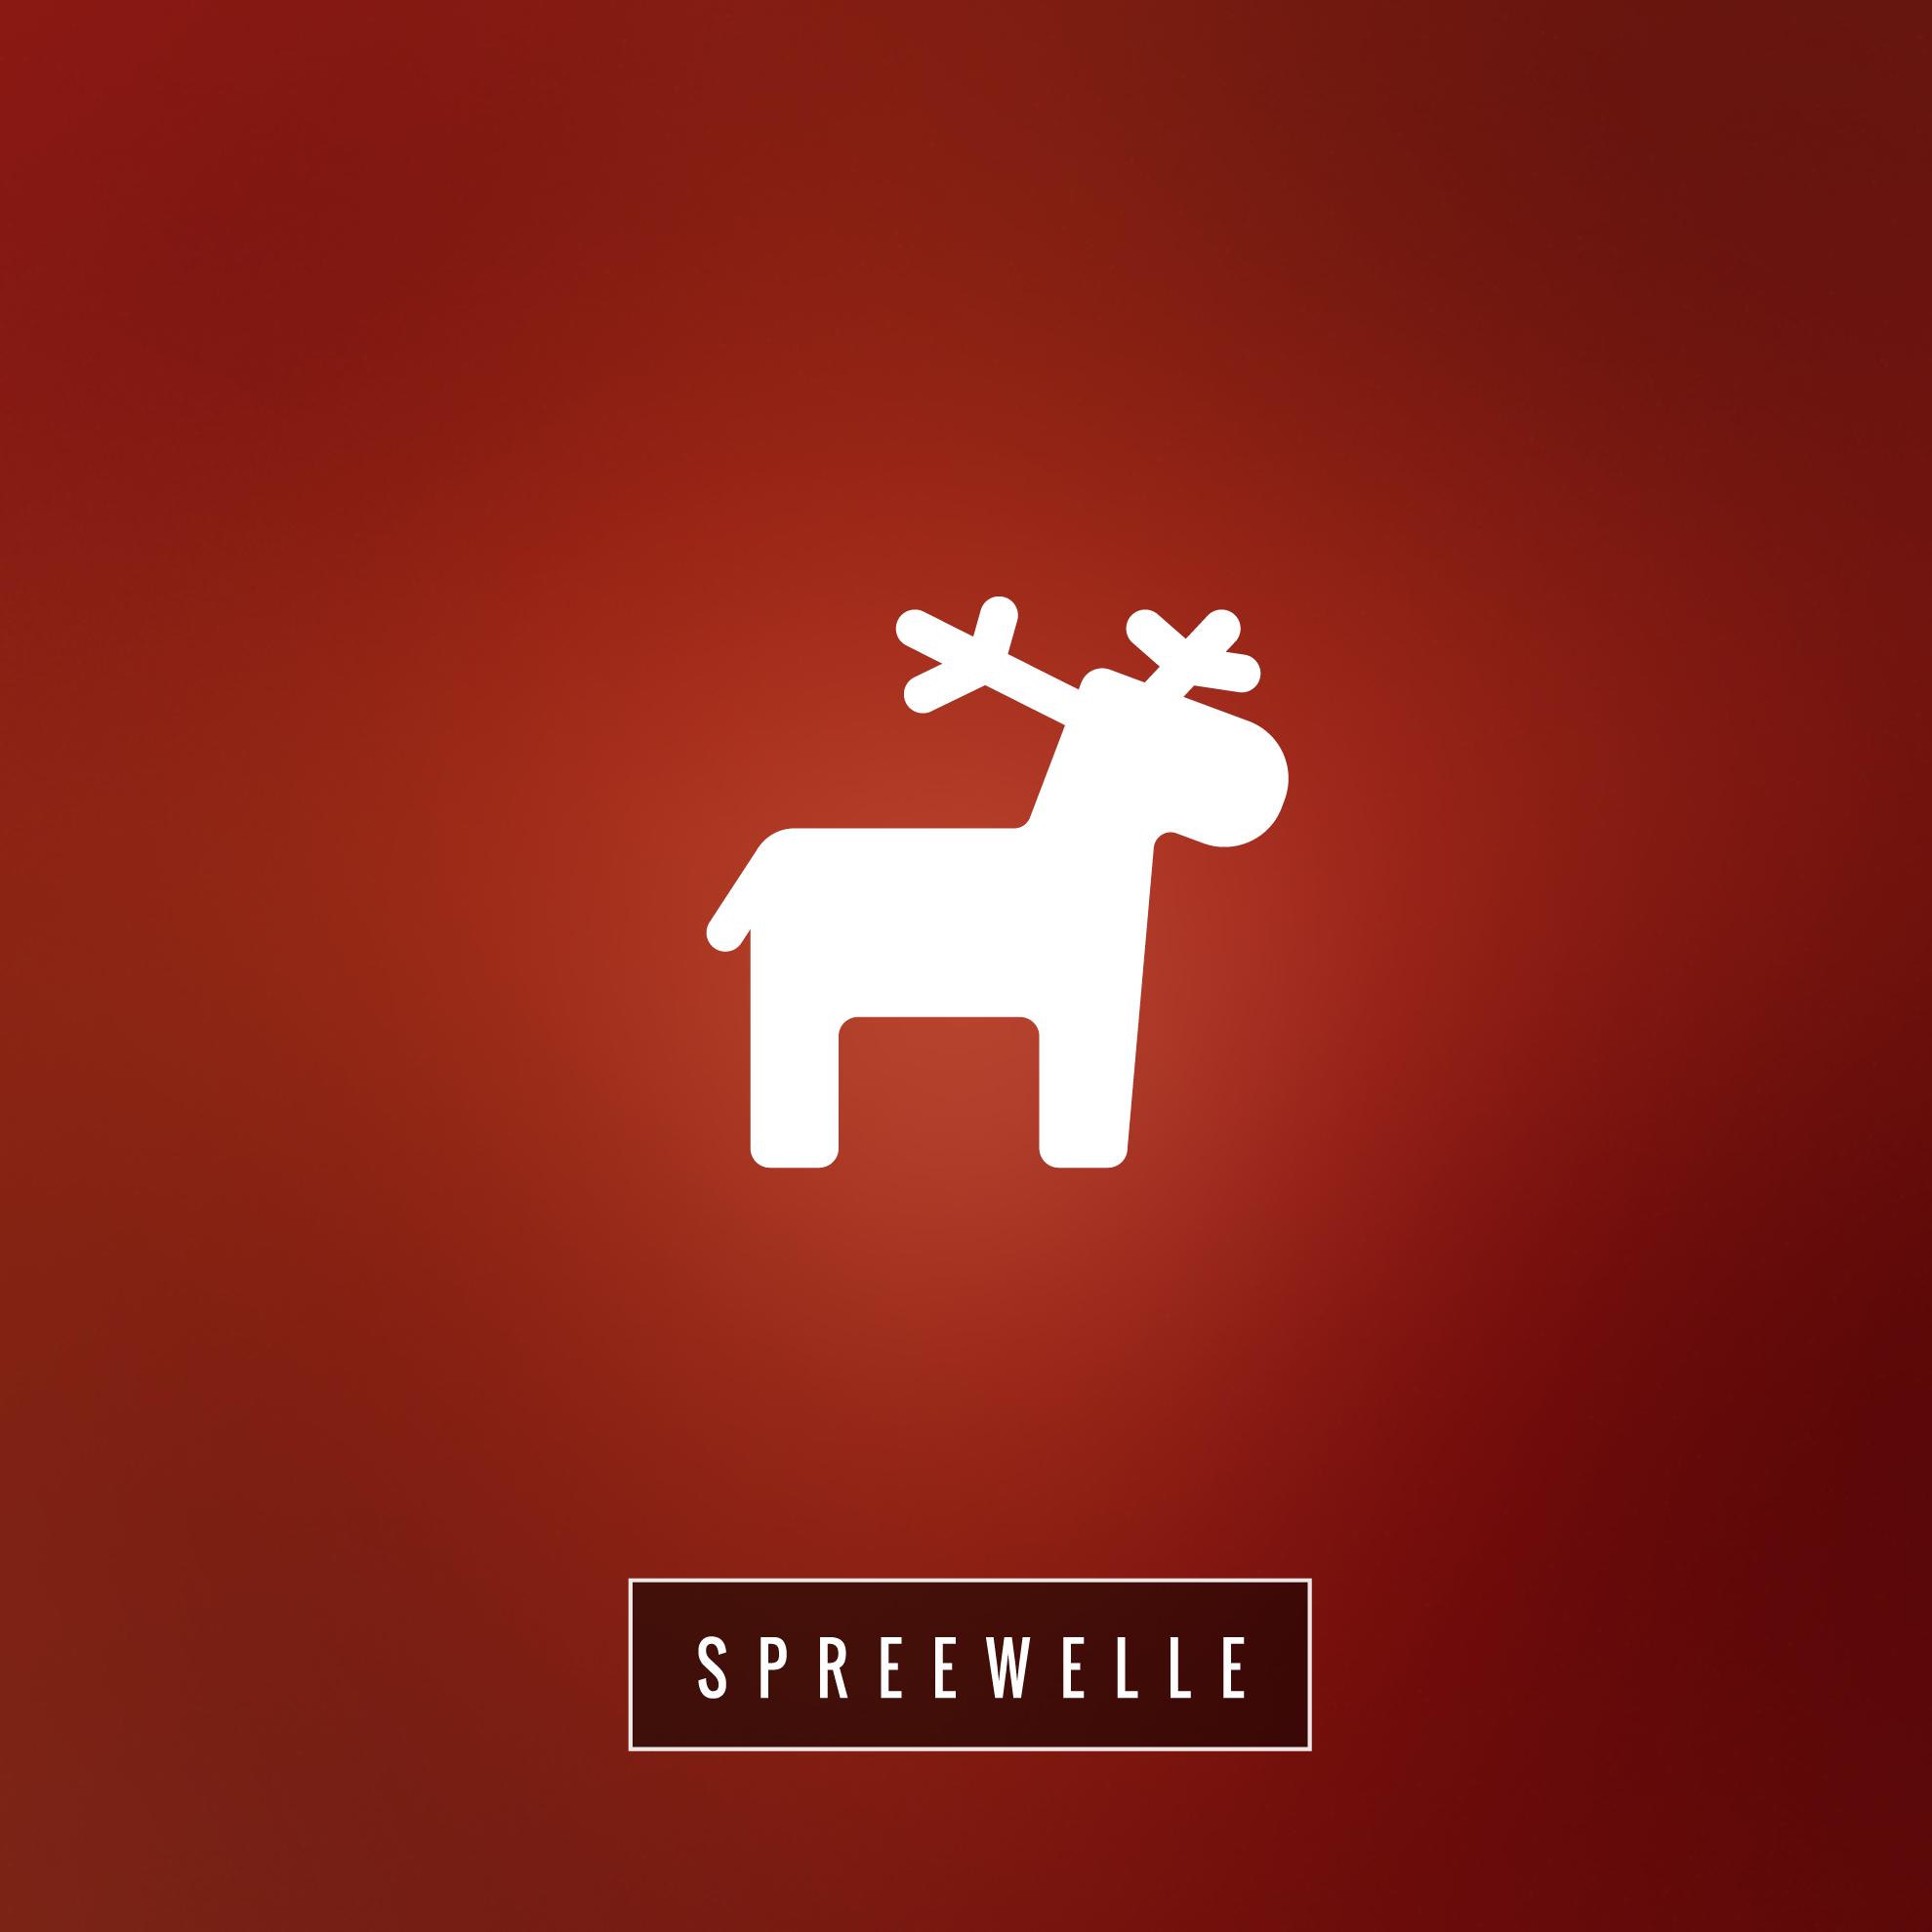 Spreewelle-1142-01